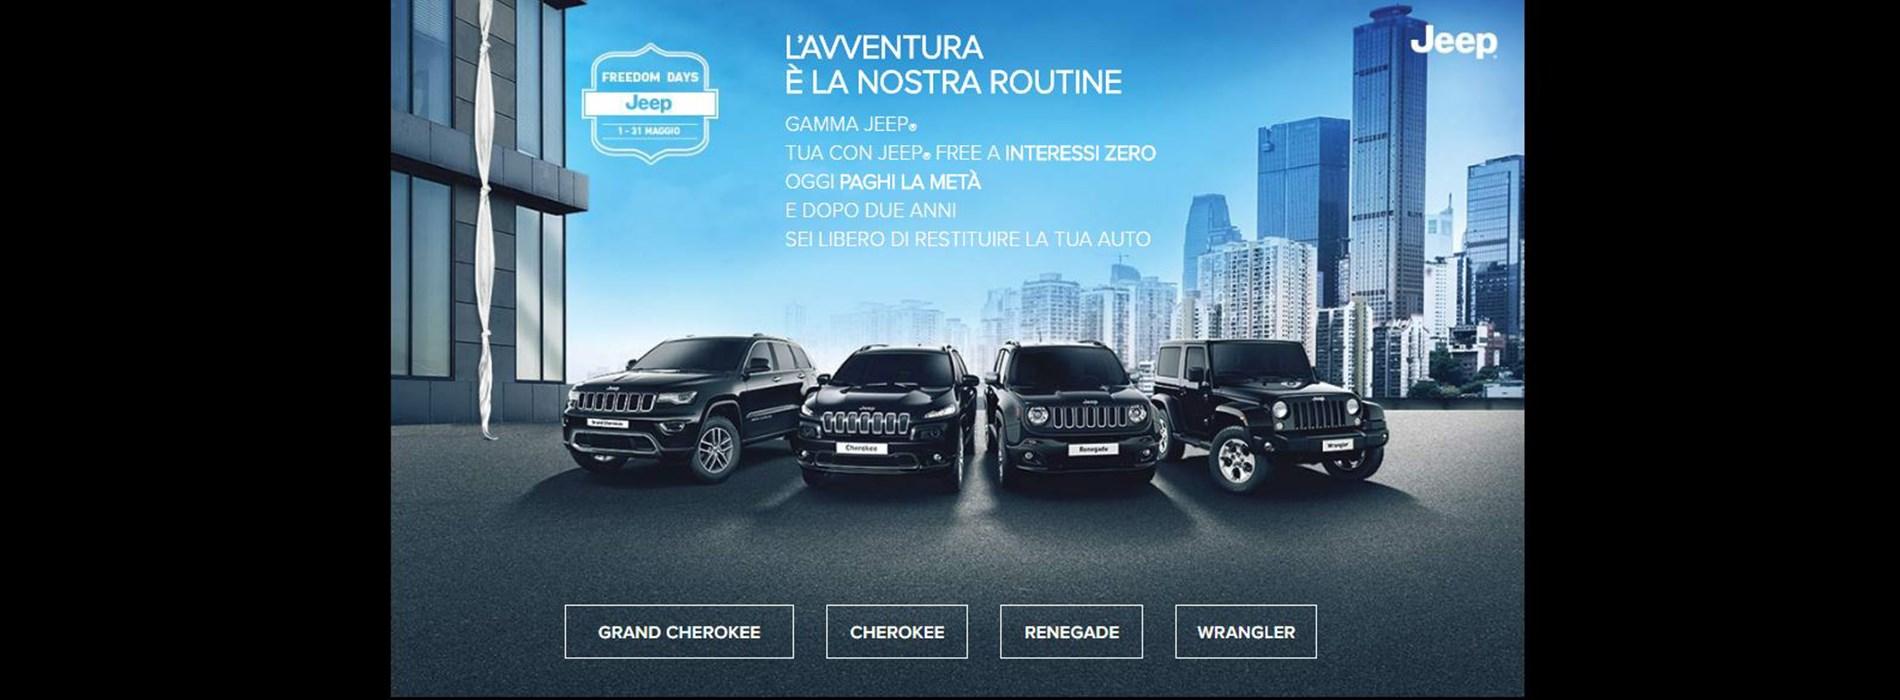 mirafiori-motor-village-concessionaria-jeep-offerta